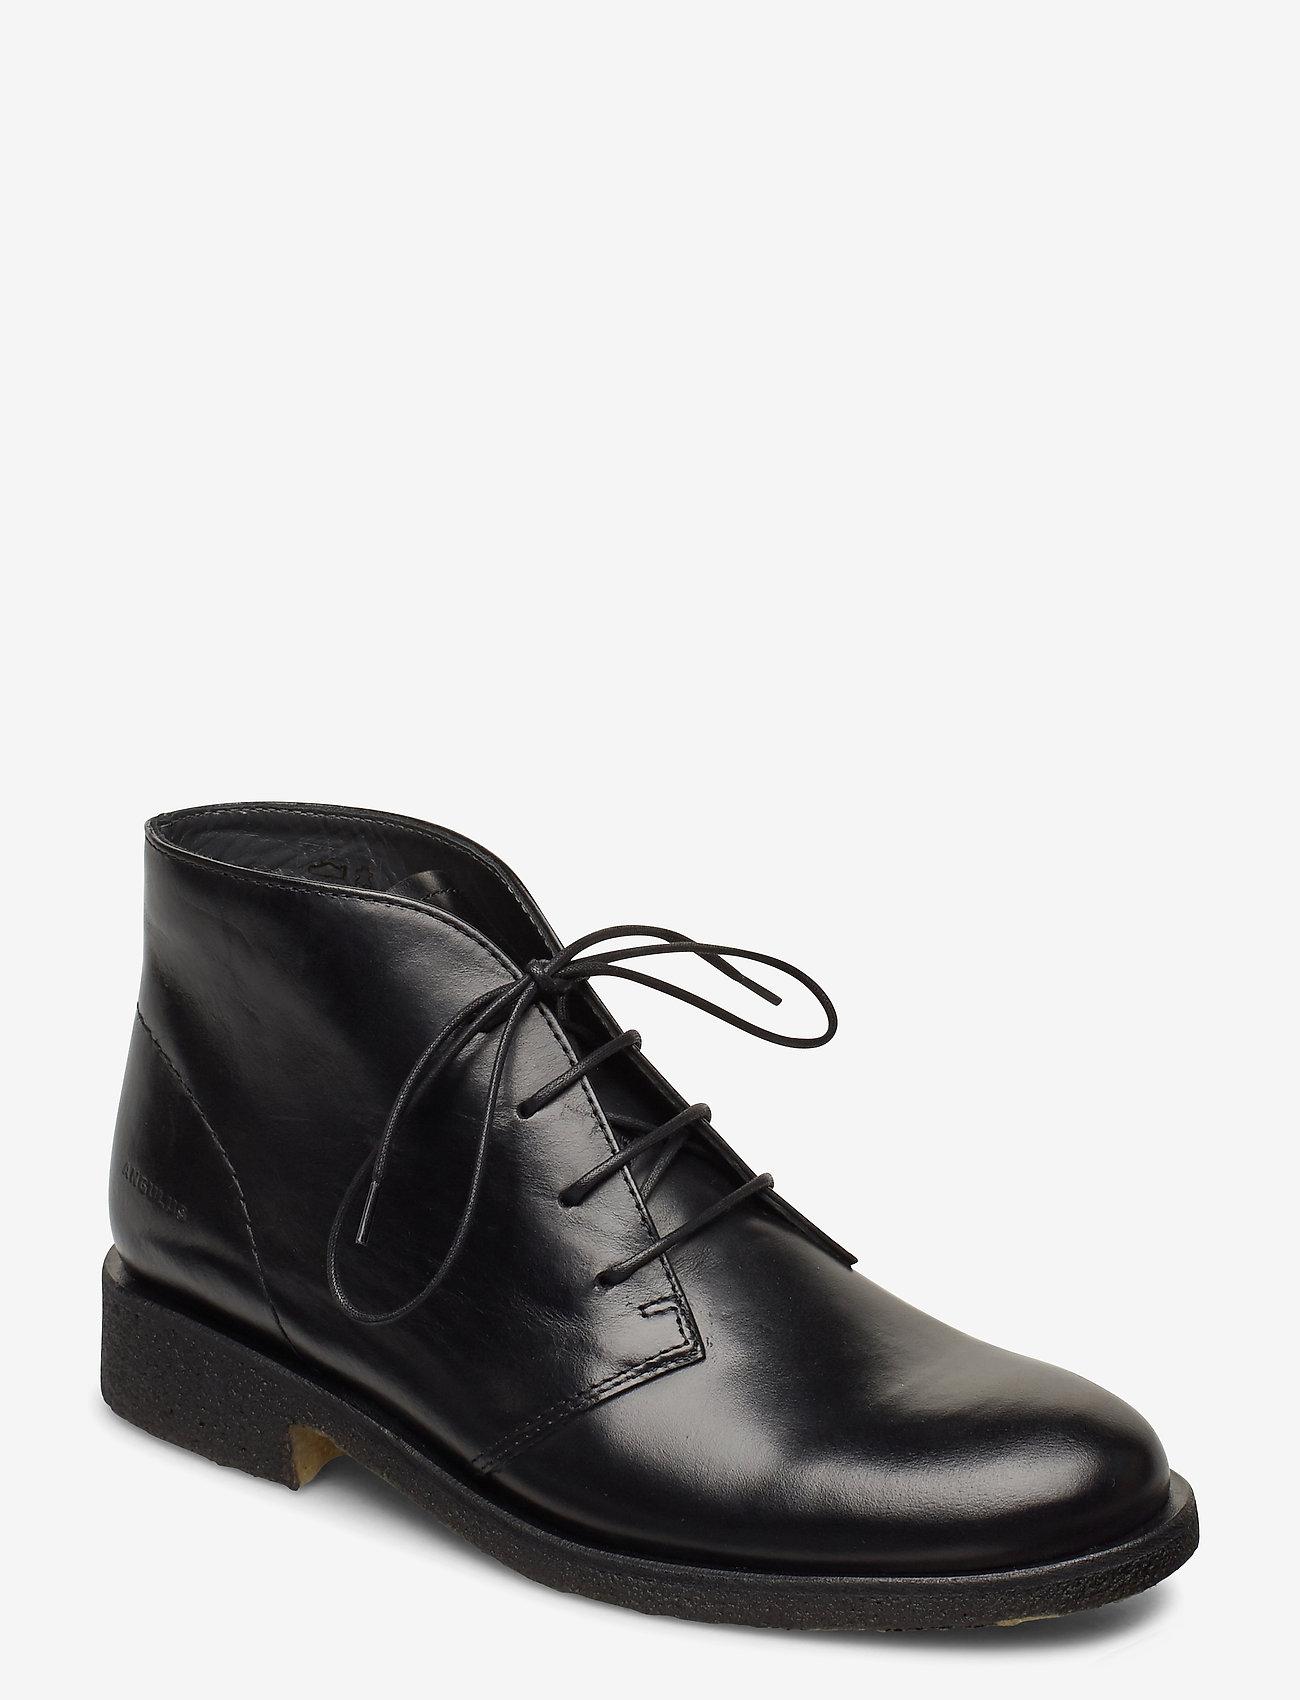 ANGULUS - Booties - flat - puszābaki bez papēža - 1835 black - 0